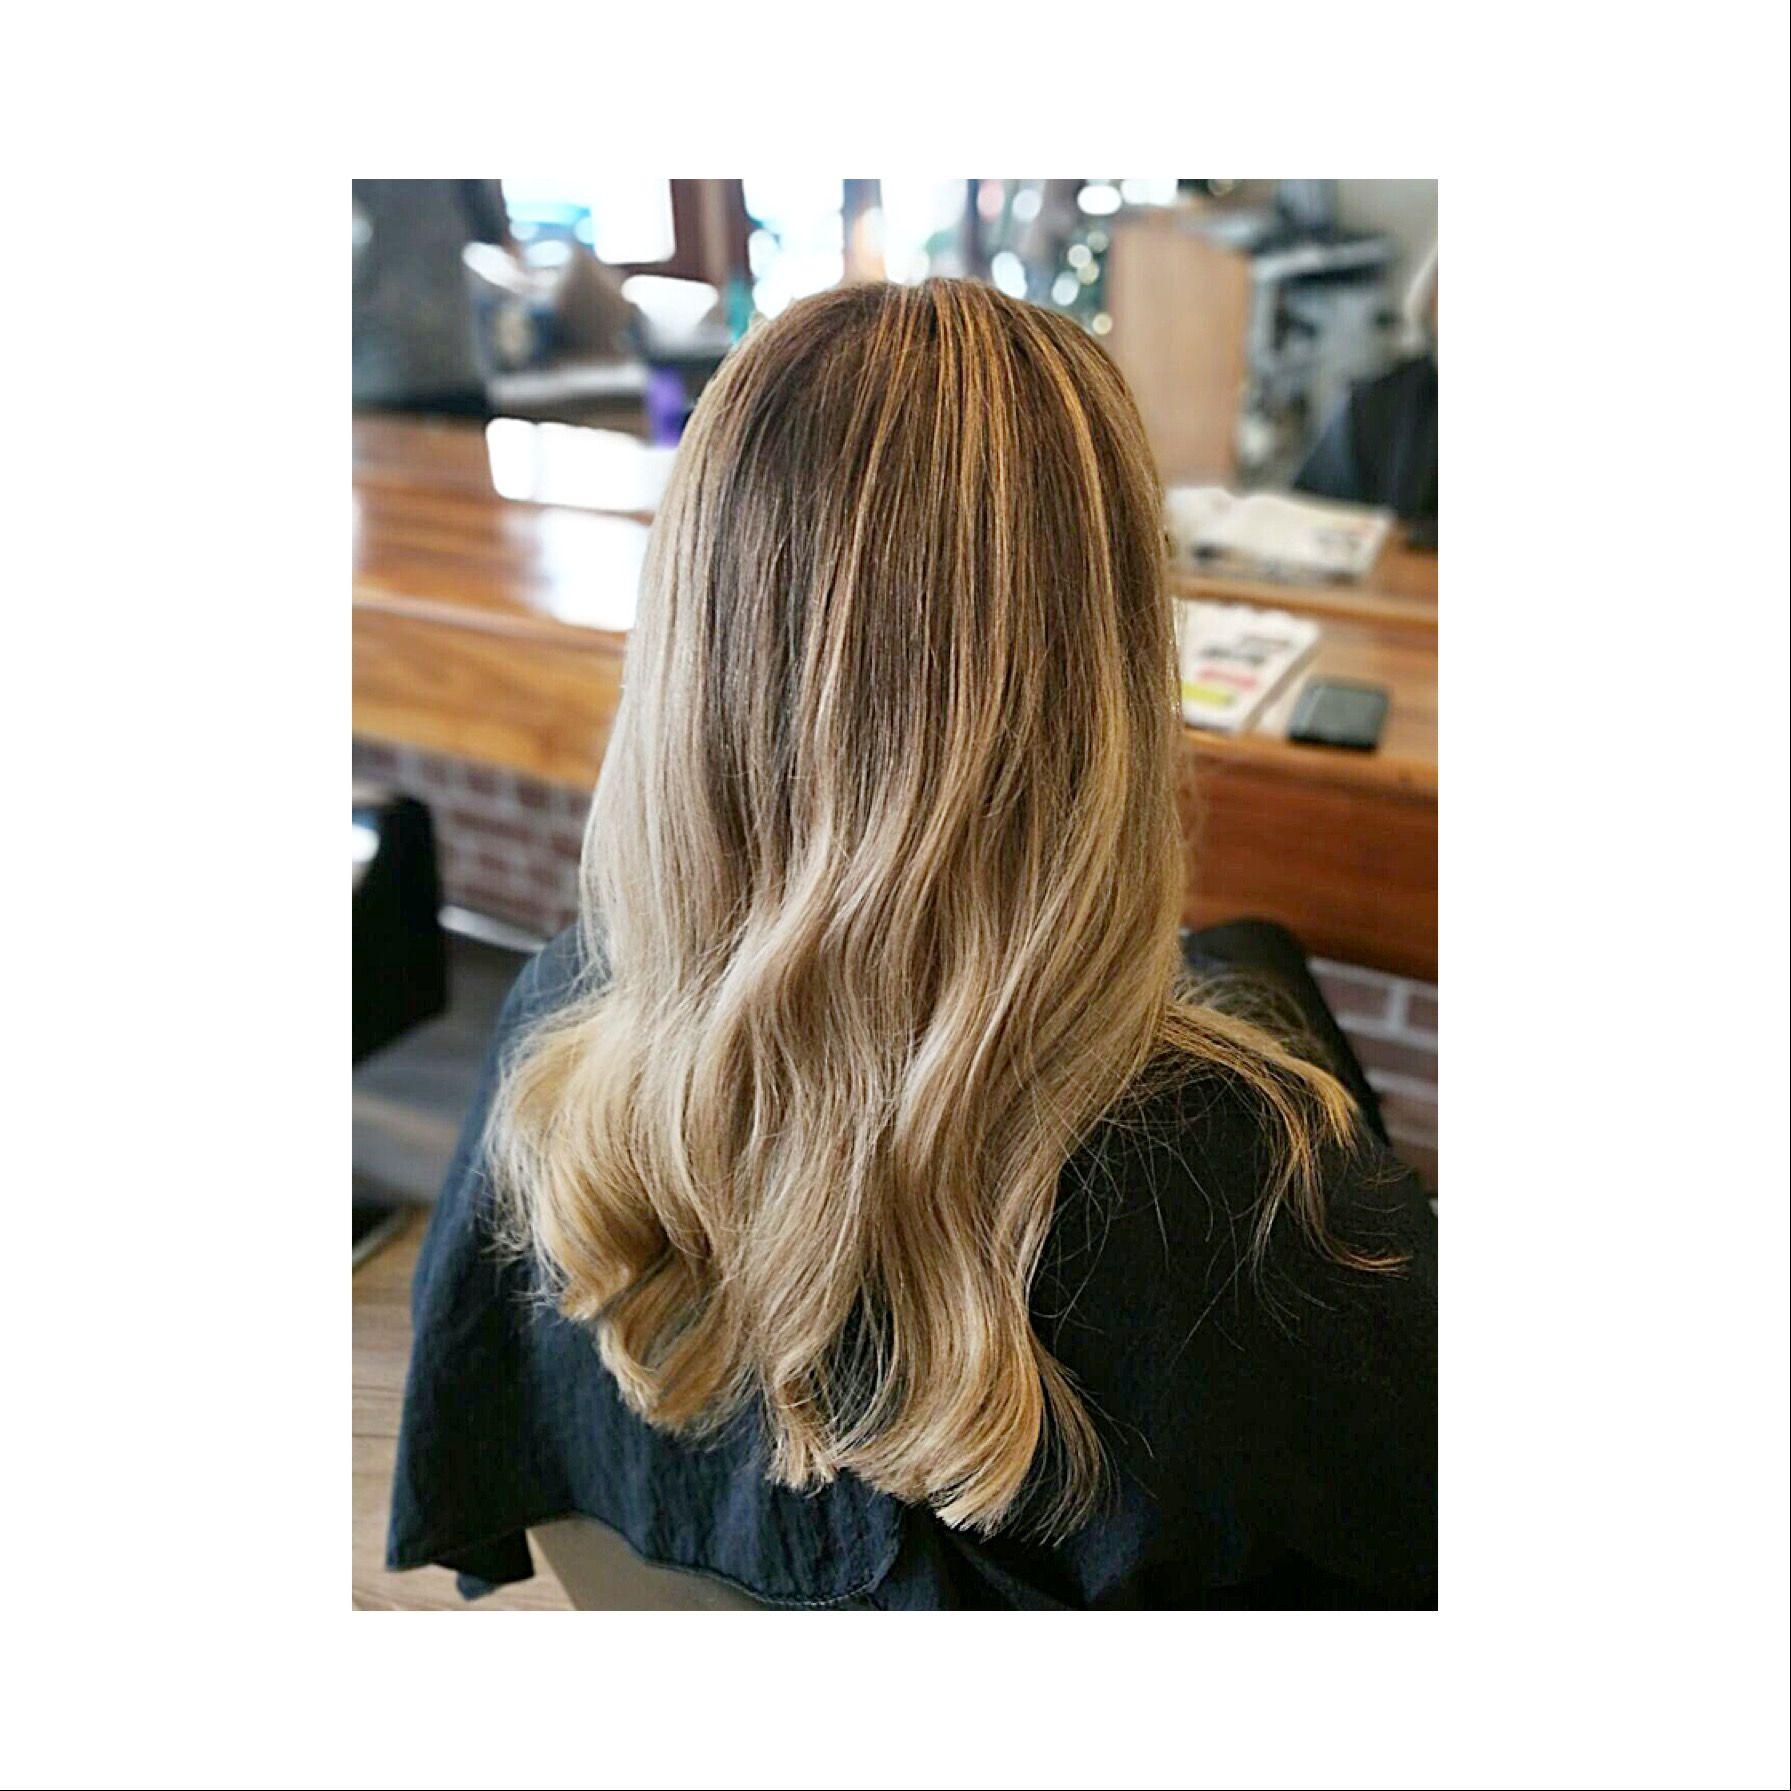 7 Medium Blonde 7 1 Ash Blonde 7 3 Golden Blonde Hair Colours By My Hairdresser Medium Blonde Dark Blonde Hair Color Ash Blonde Hair